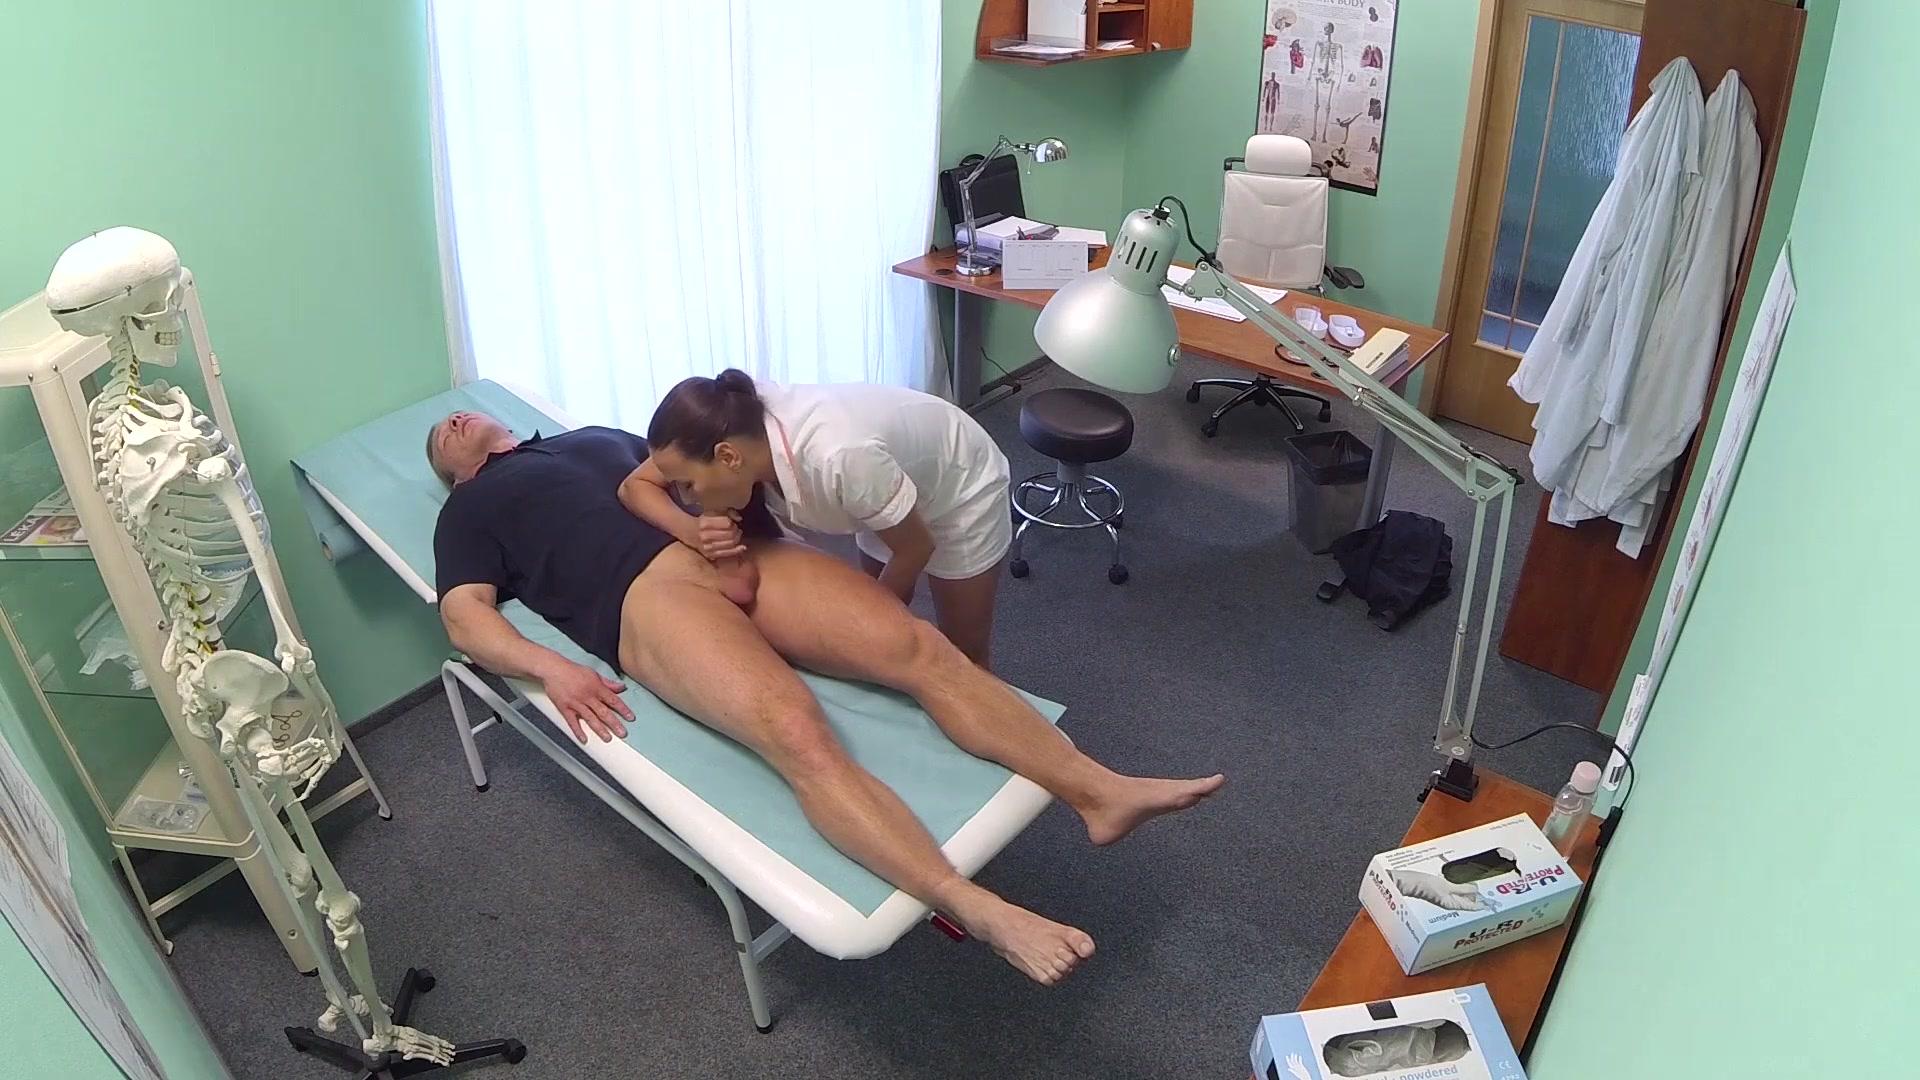 Скрытое порно медсестрой, медсестра скрытая камера: порно видео онлайн 17 фотография